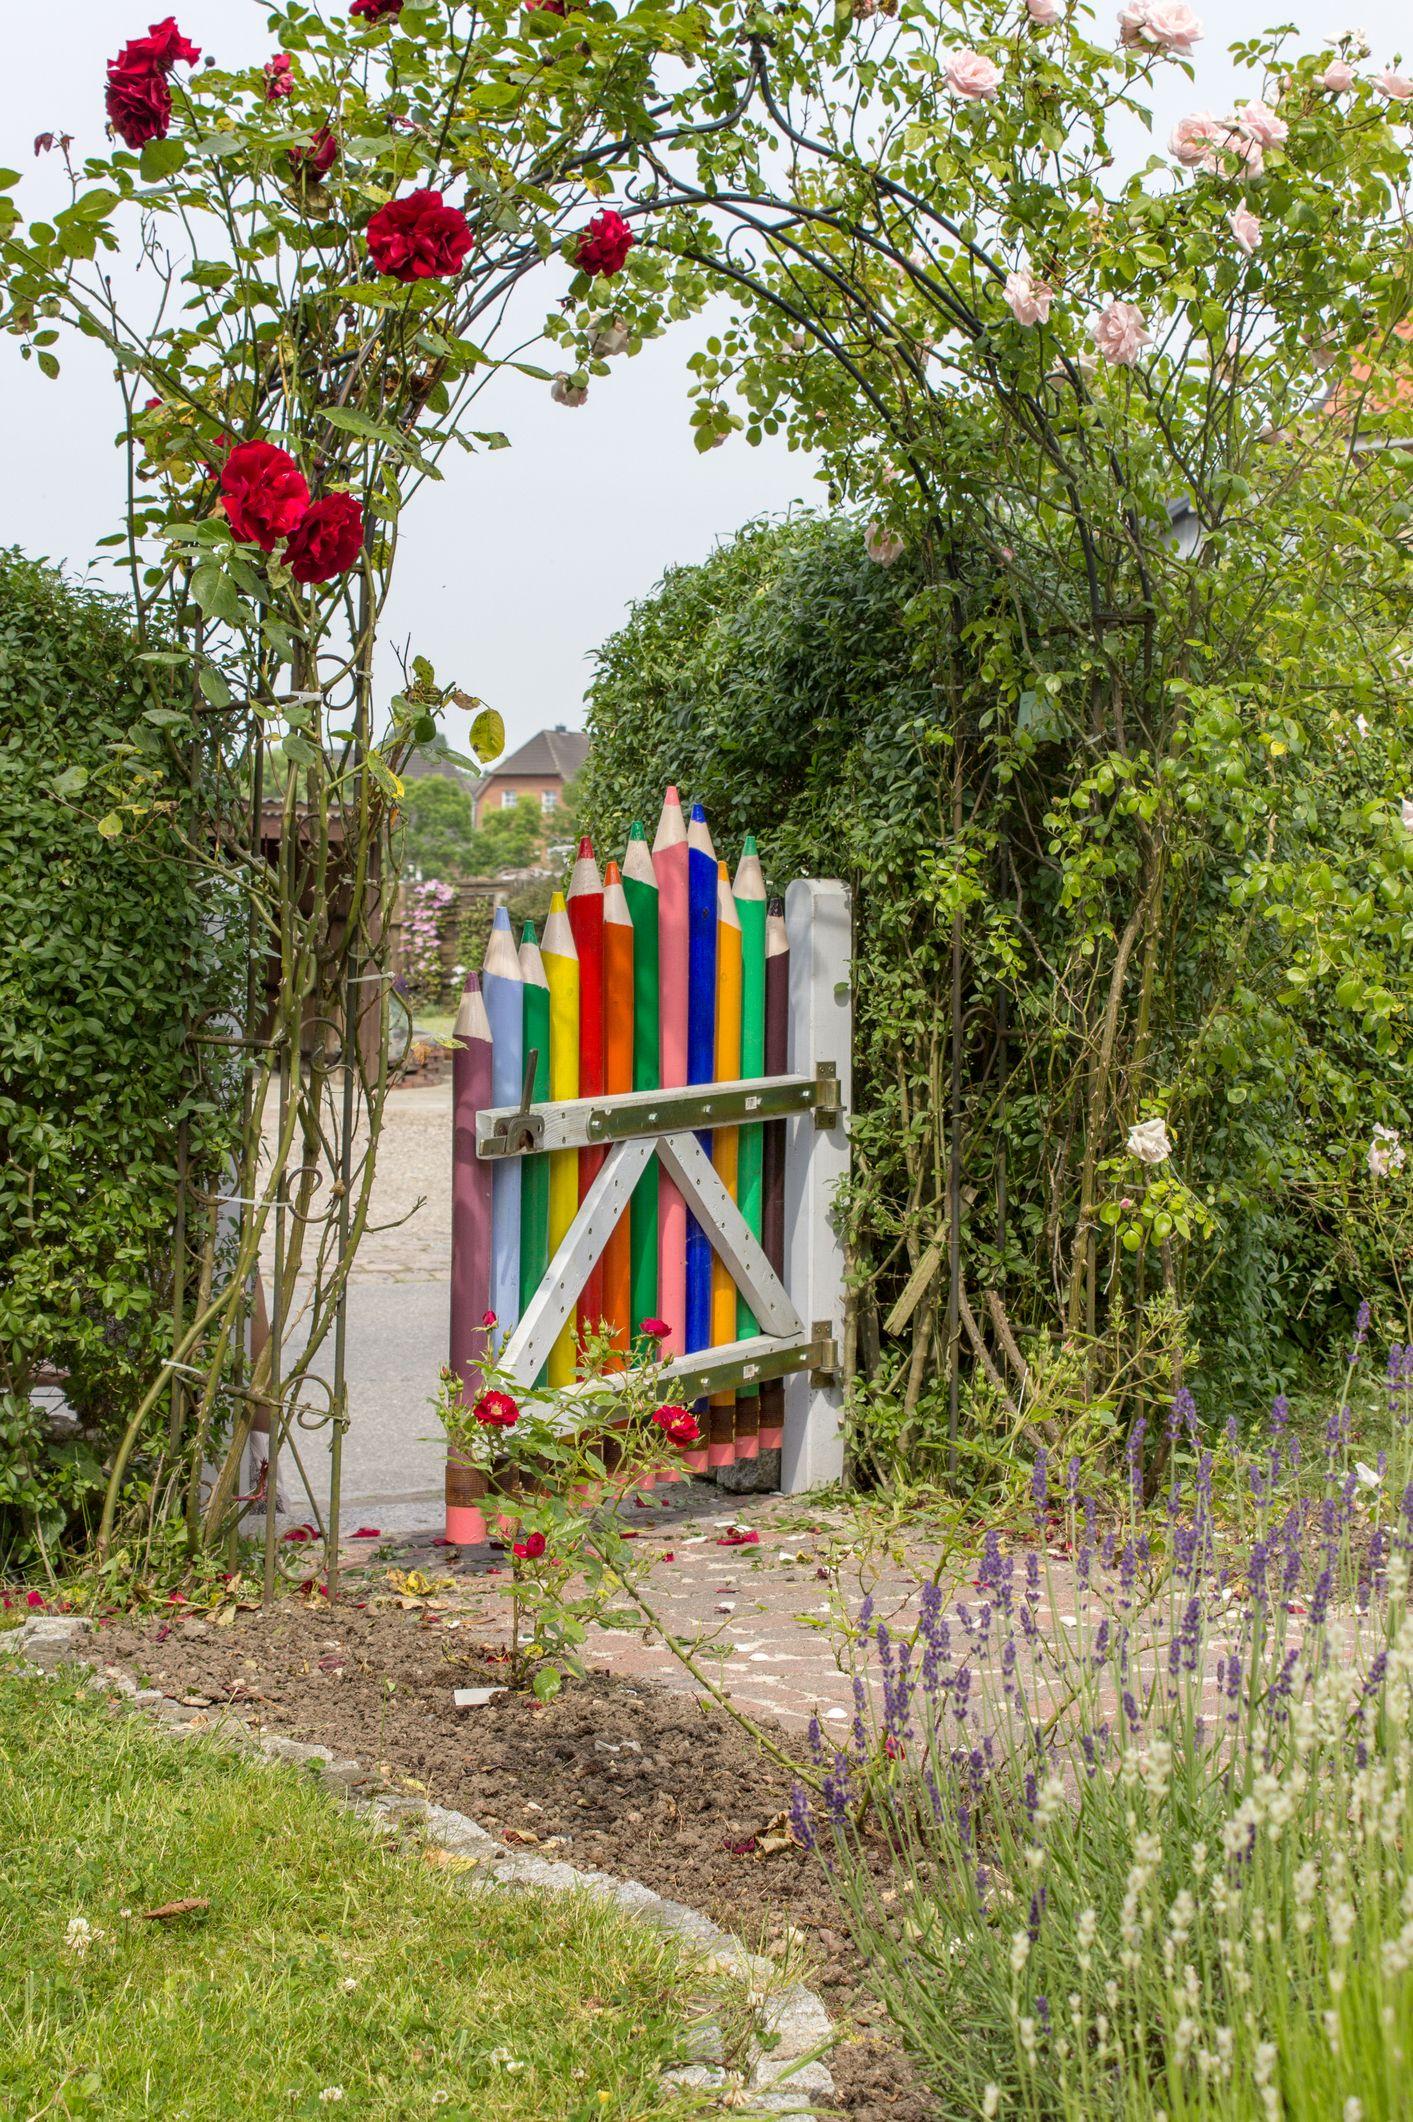 Pencil Fence / Pencil Gate Garden Backyard